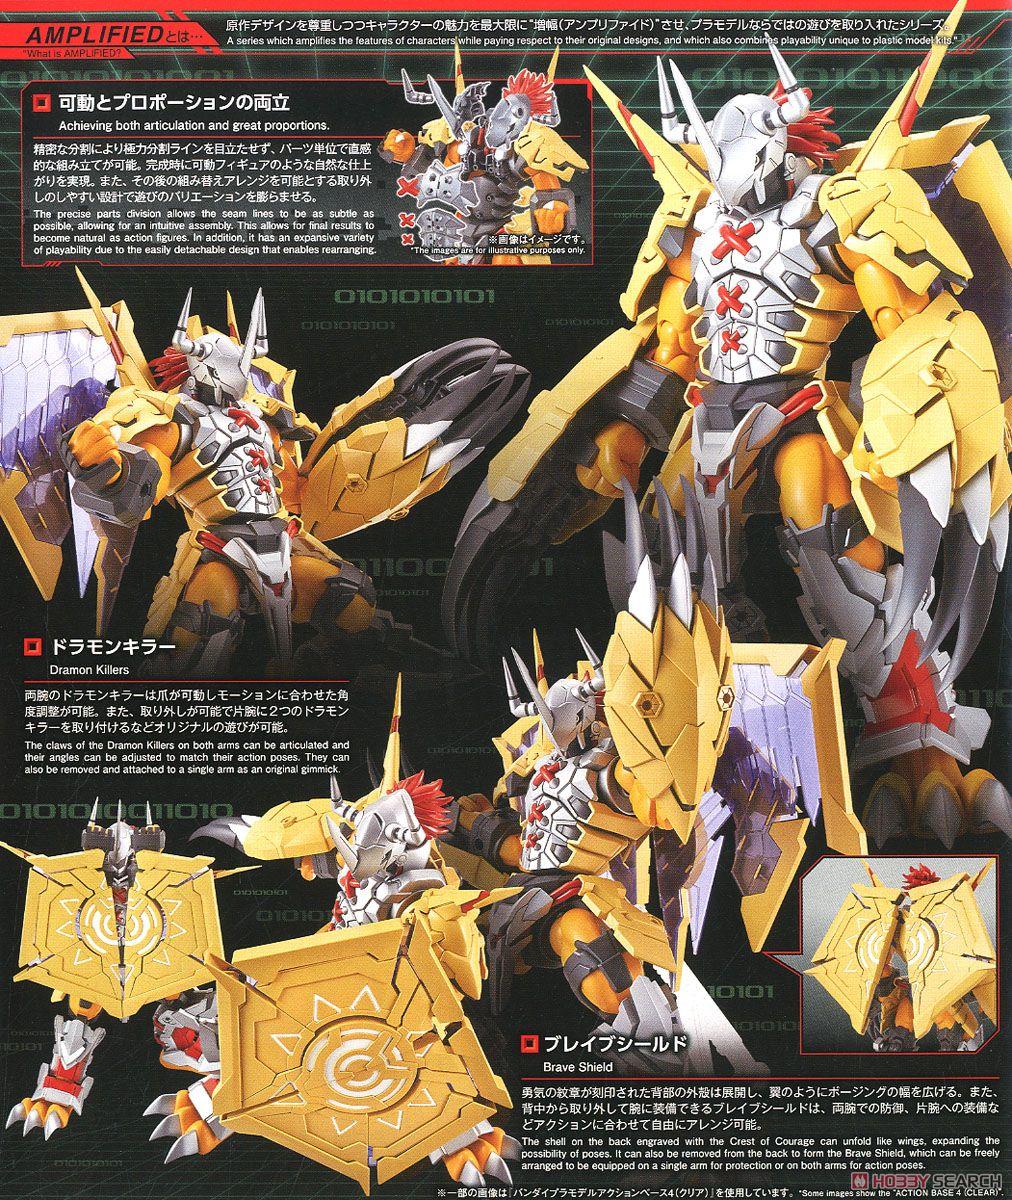 【再販】Figure-rise Standard『メタルガルルモン(AMPLIFIED)』デジモンアドベンチャー プラモデル-015